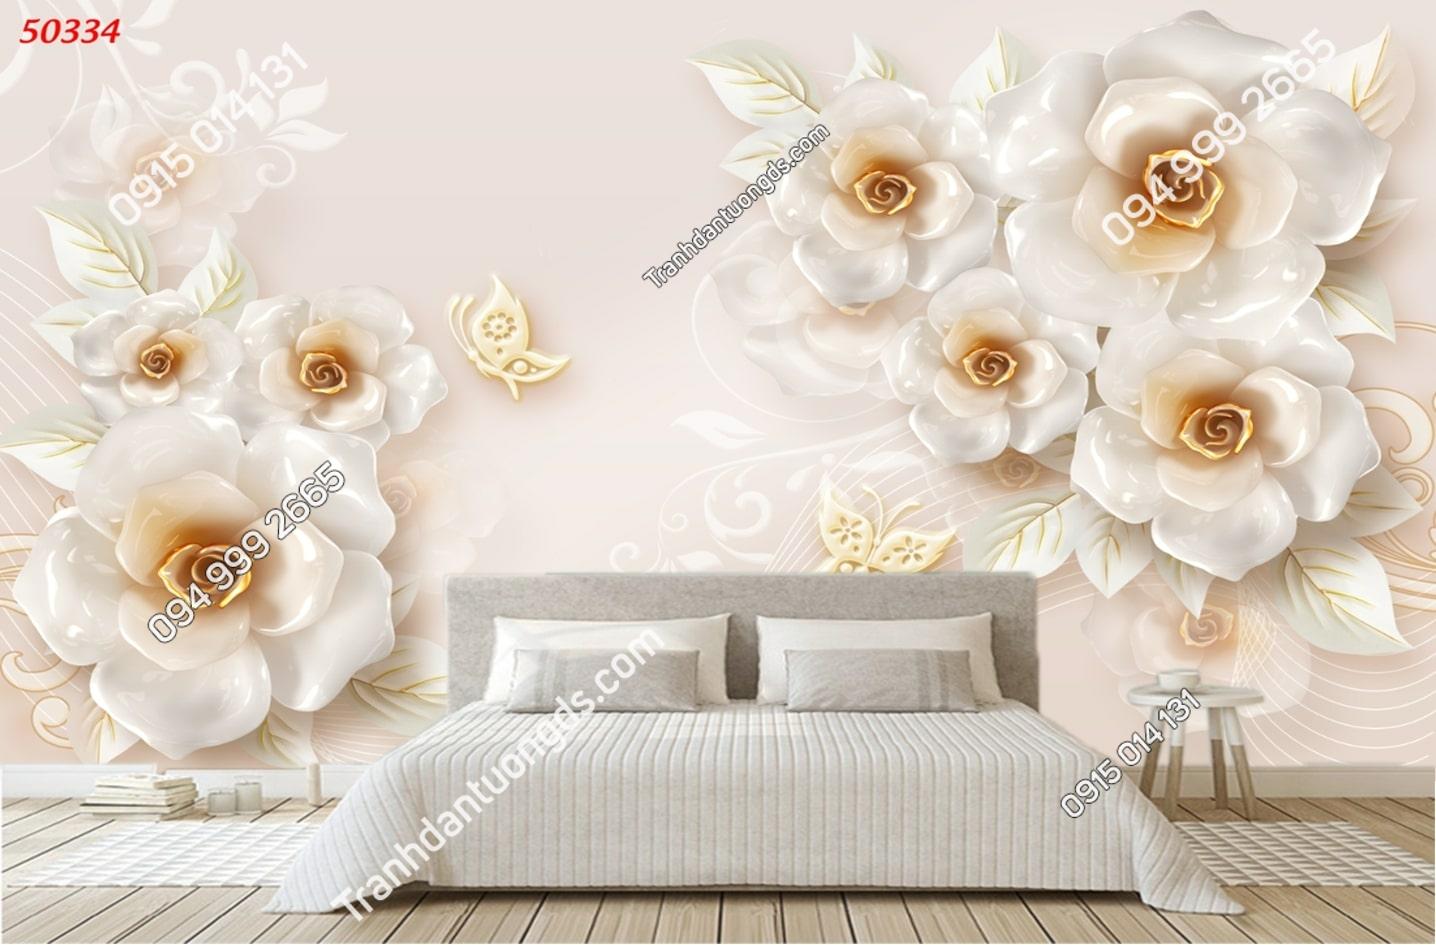 Tranh hoa 3D hiện đại hot 50334